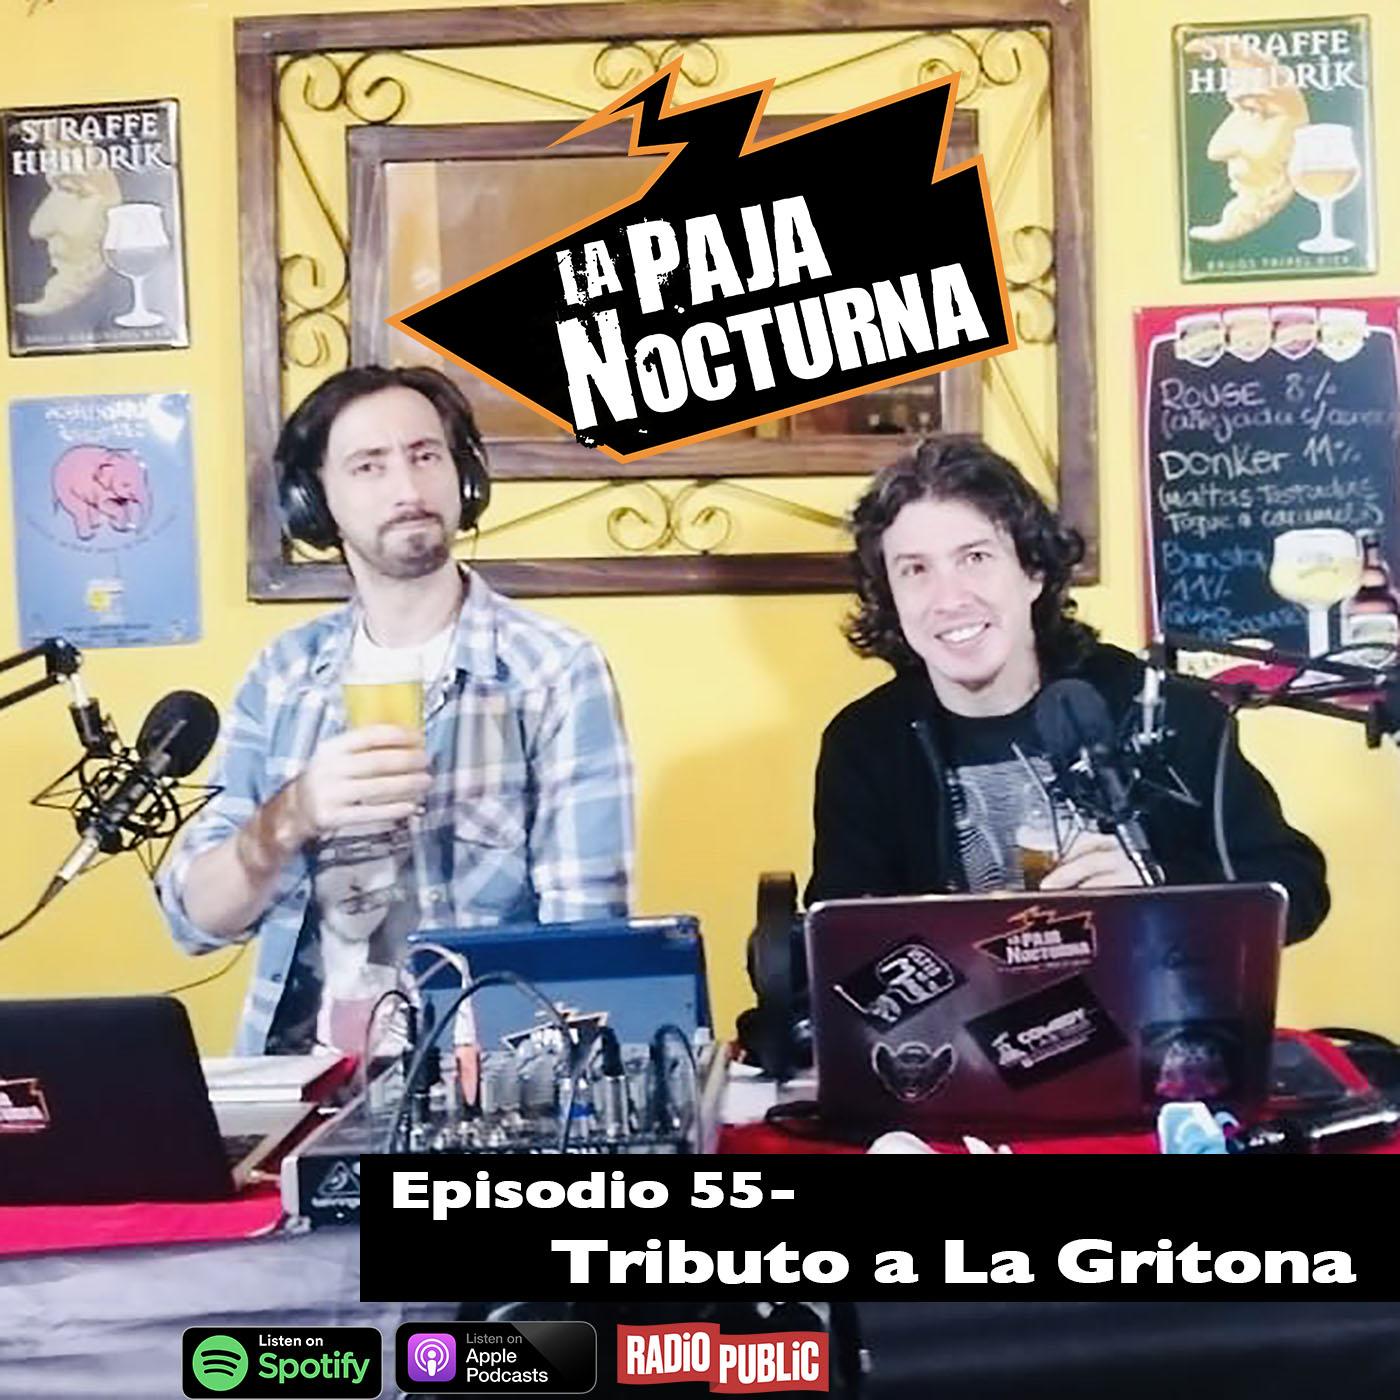 La paja nocturna podcast Episodio 55